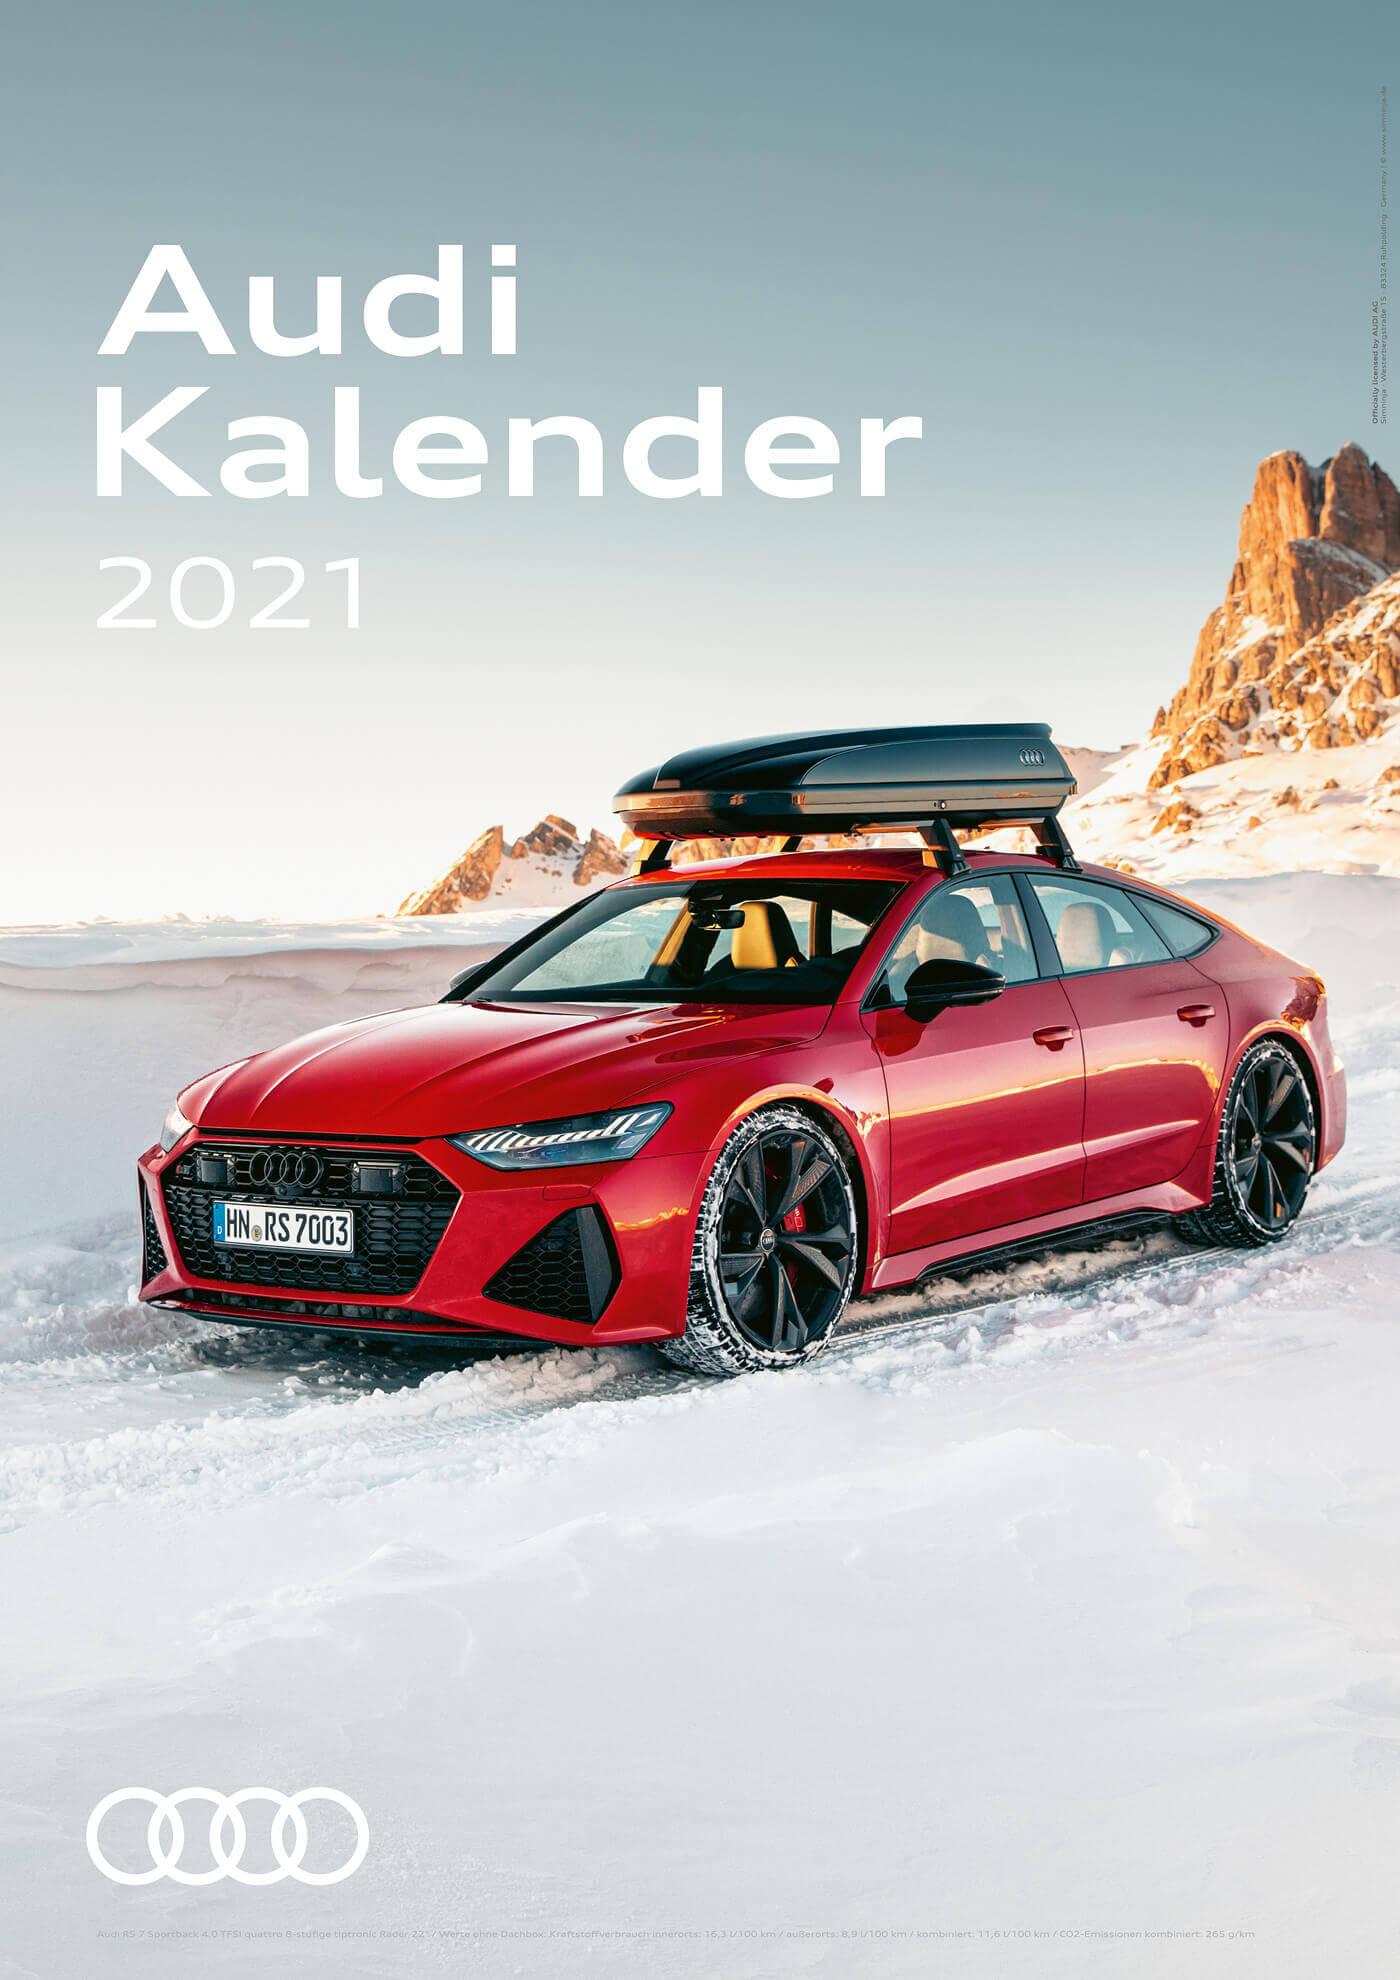 Audi Kalender 2021 - DIN A3 / Audi RS7 Sportback